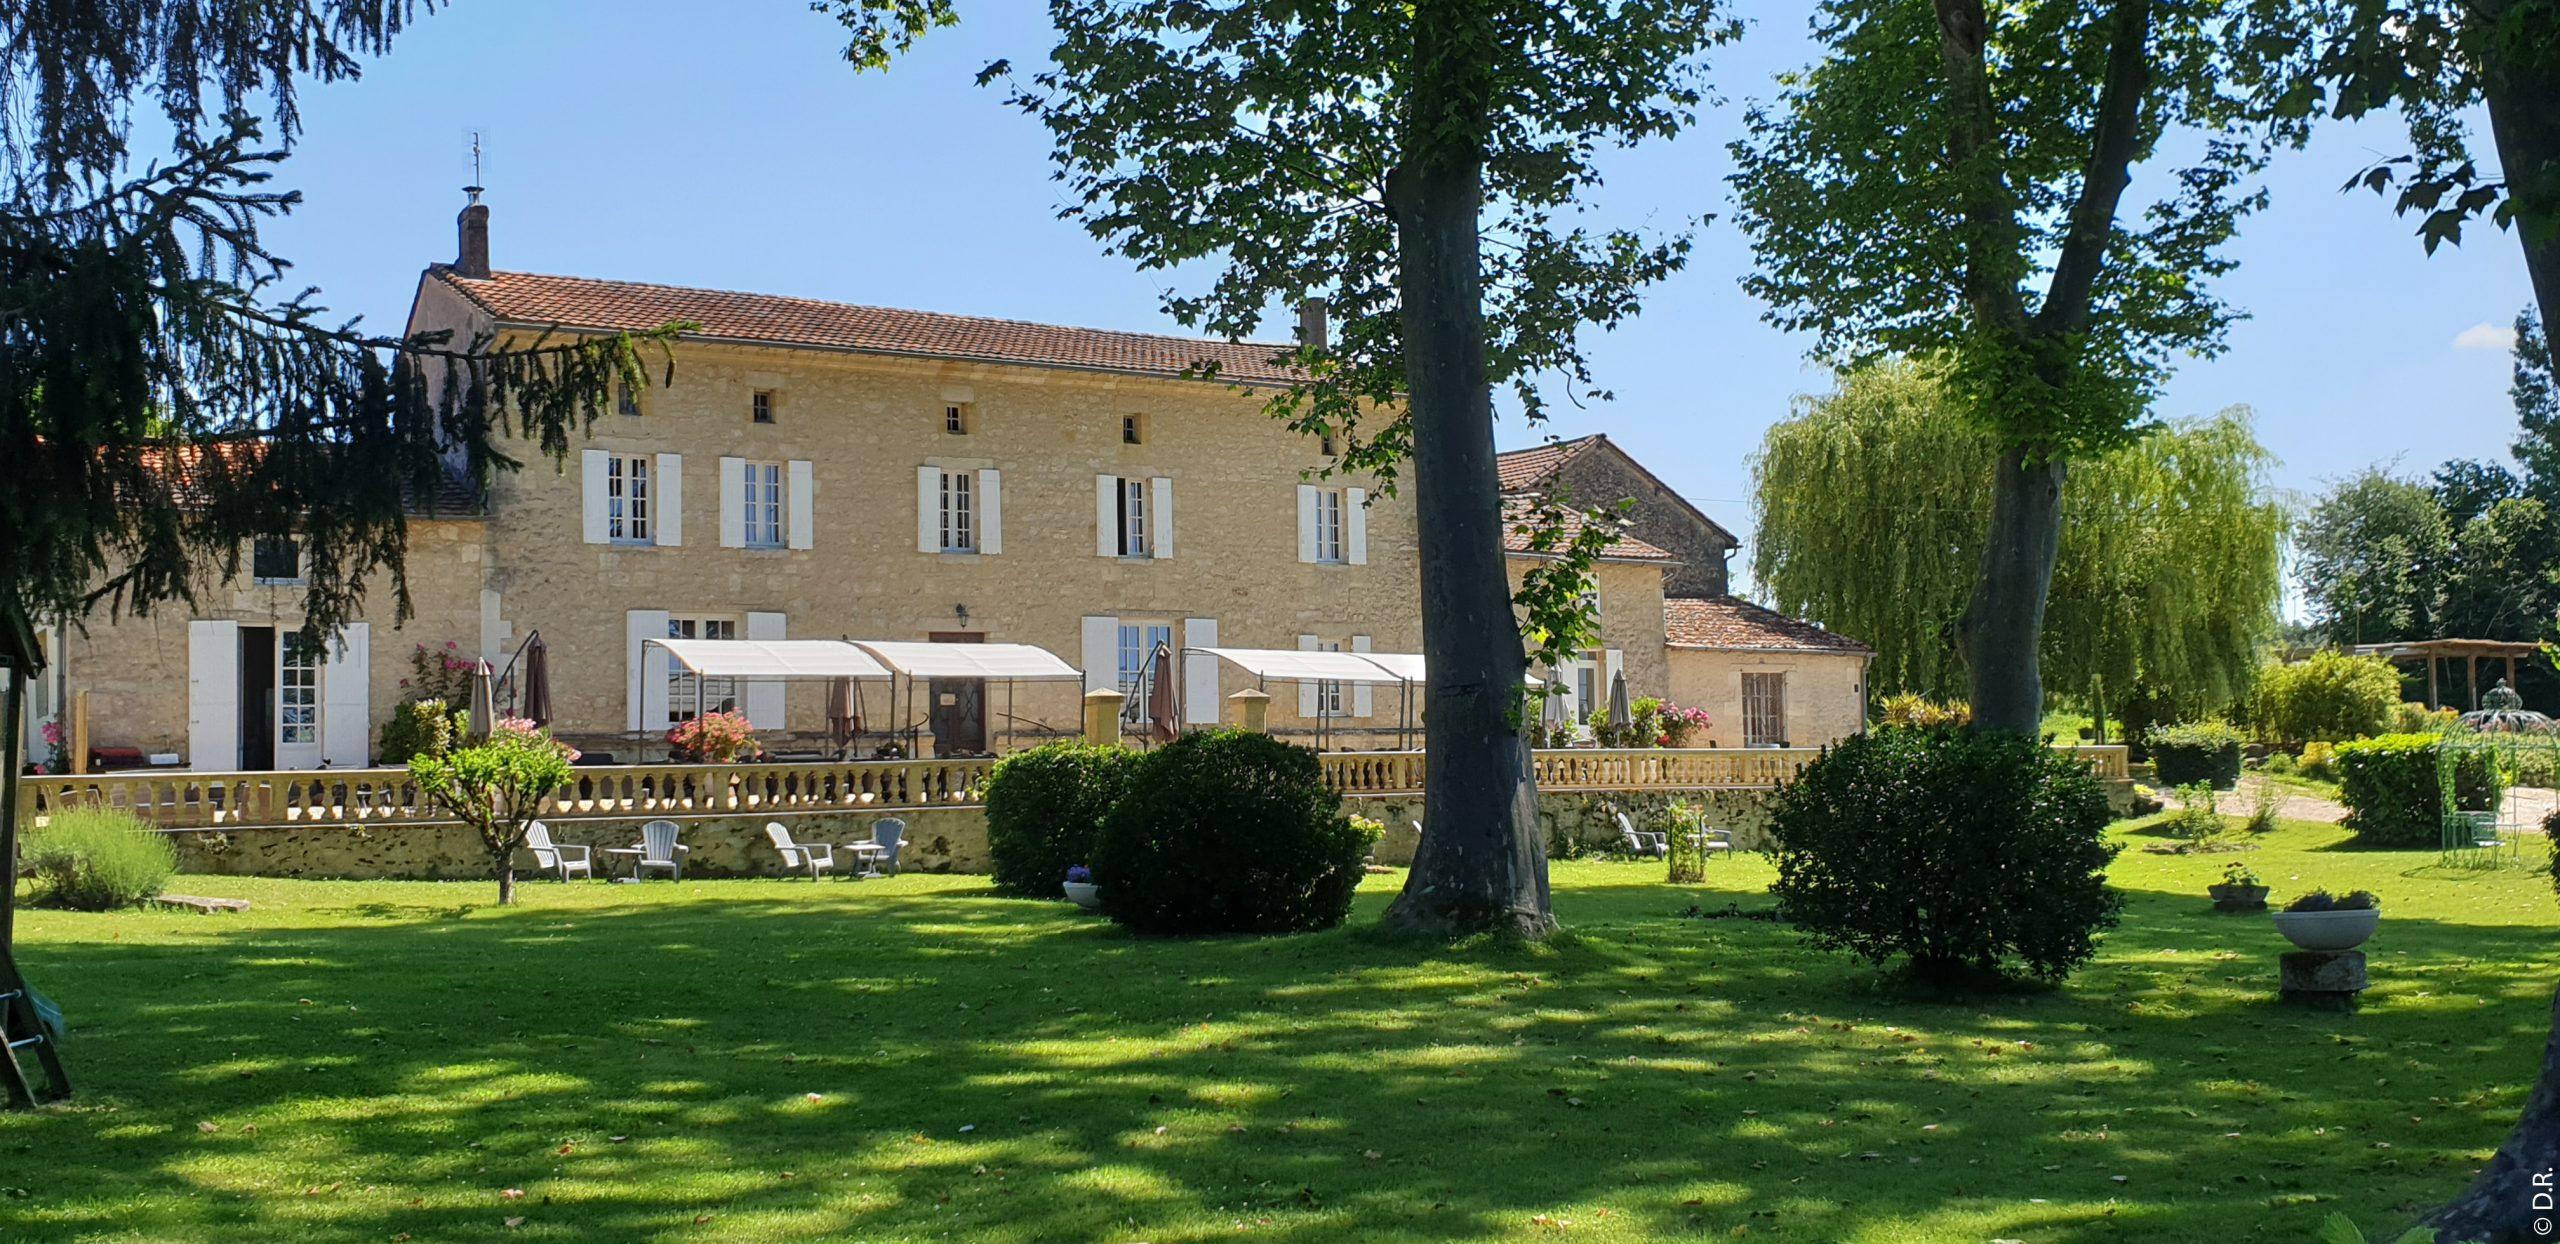 Château Puygrenier, des chambres d'hôtes pleines de charme dans le Périgord Pourpre